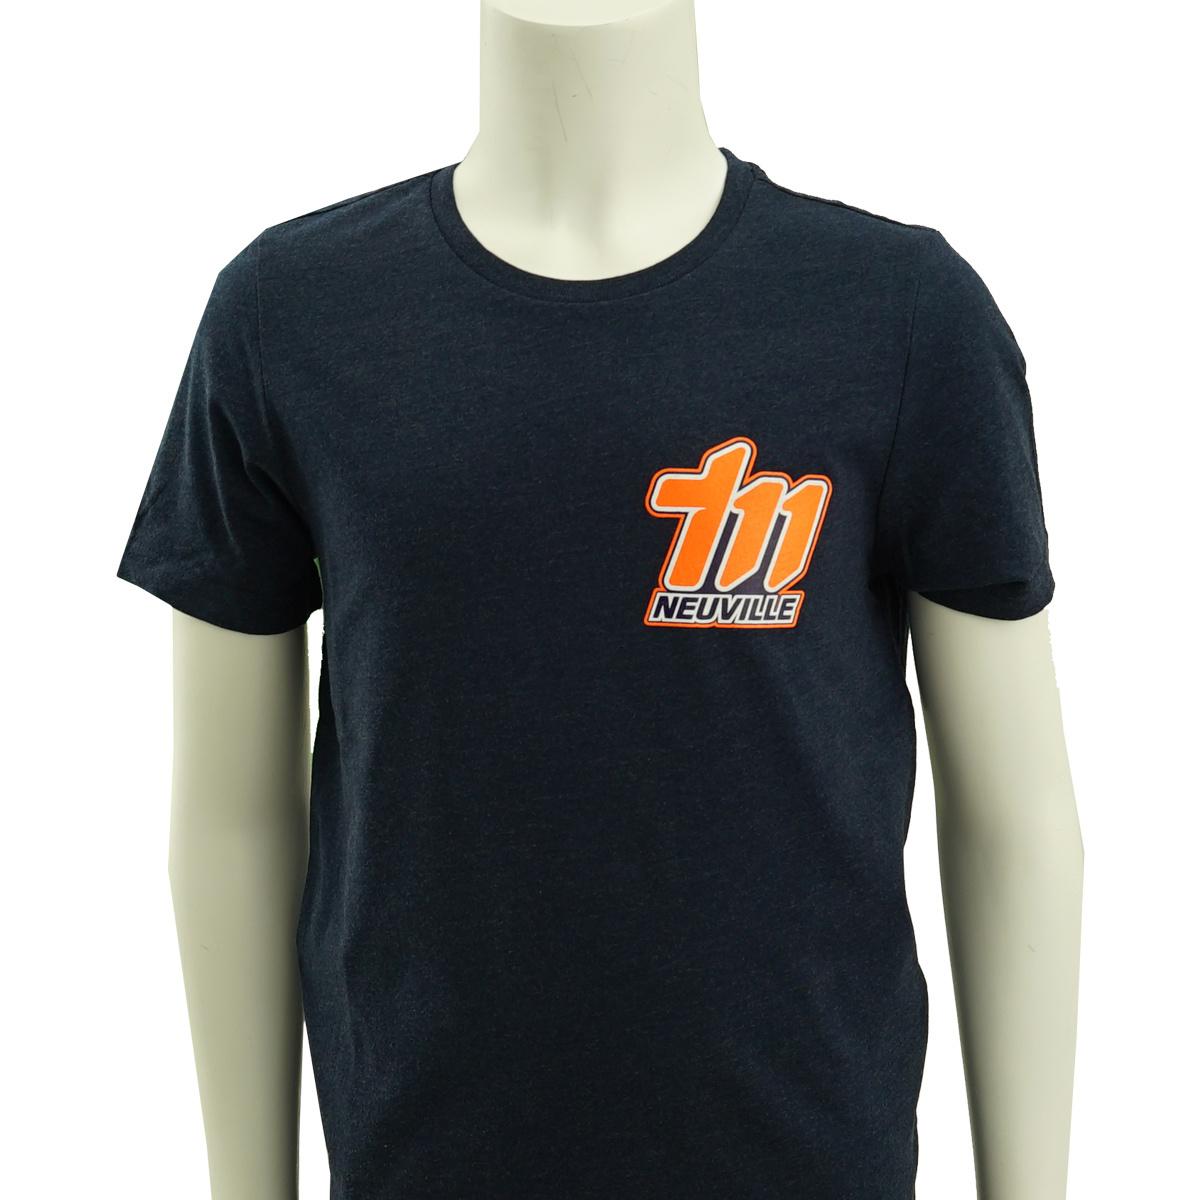 Topfanz T-shirt TN11 Navy - Kids